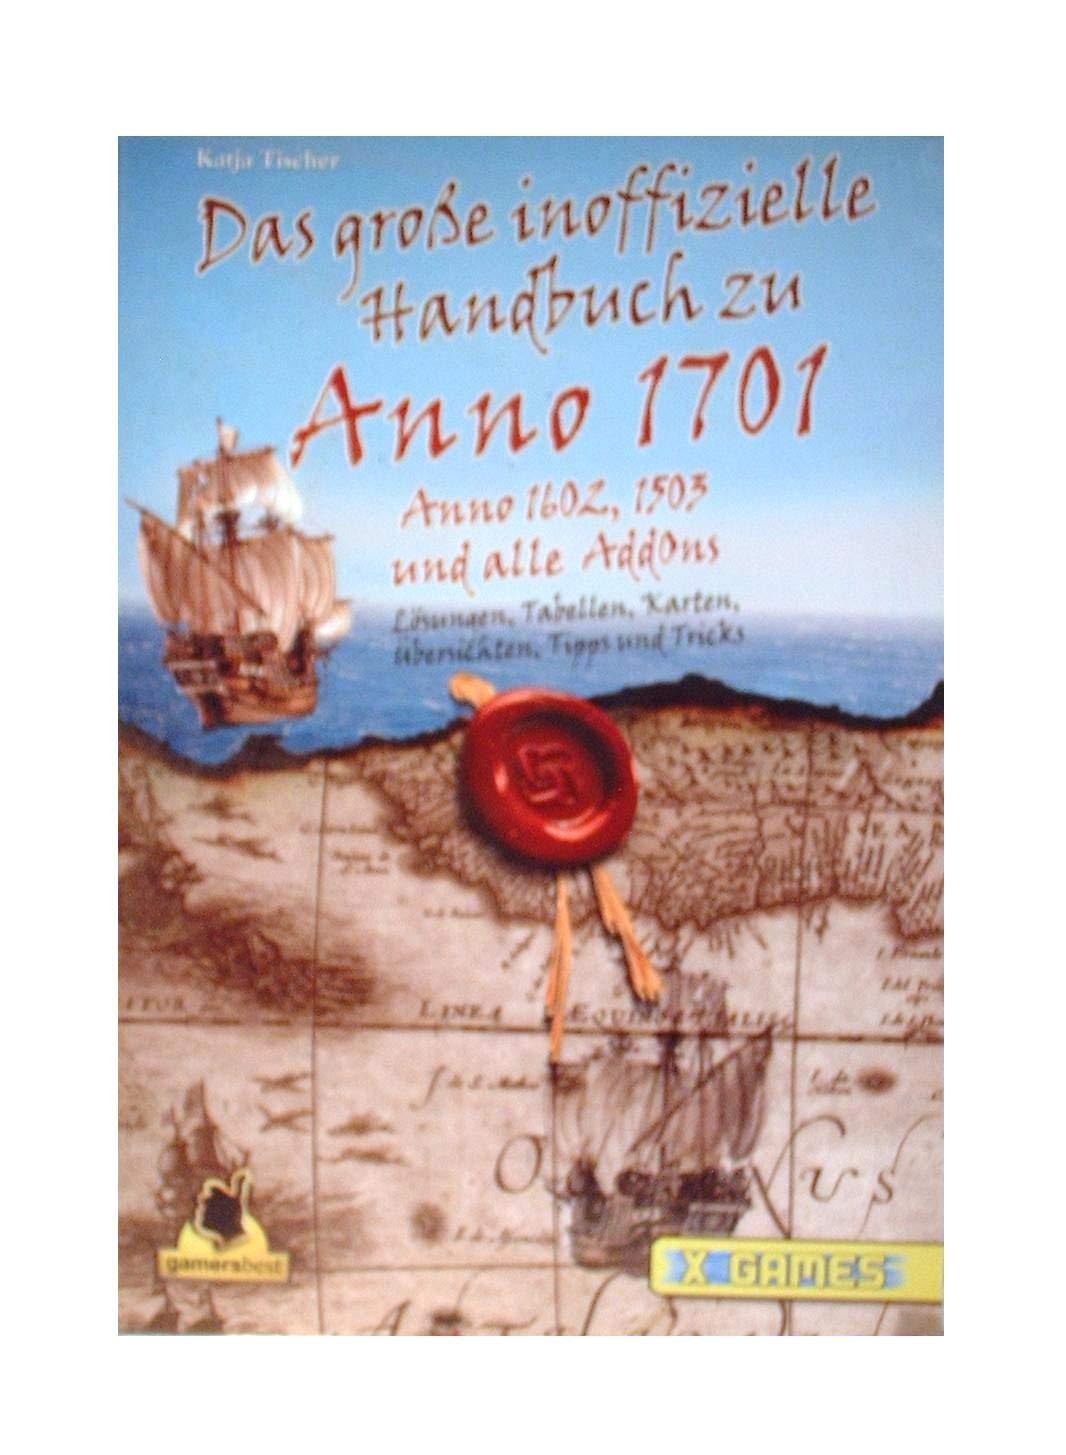 anno 1503 handbuch